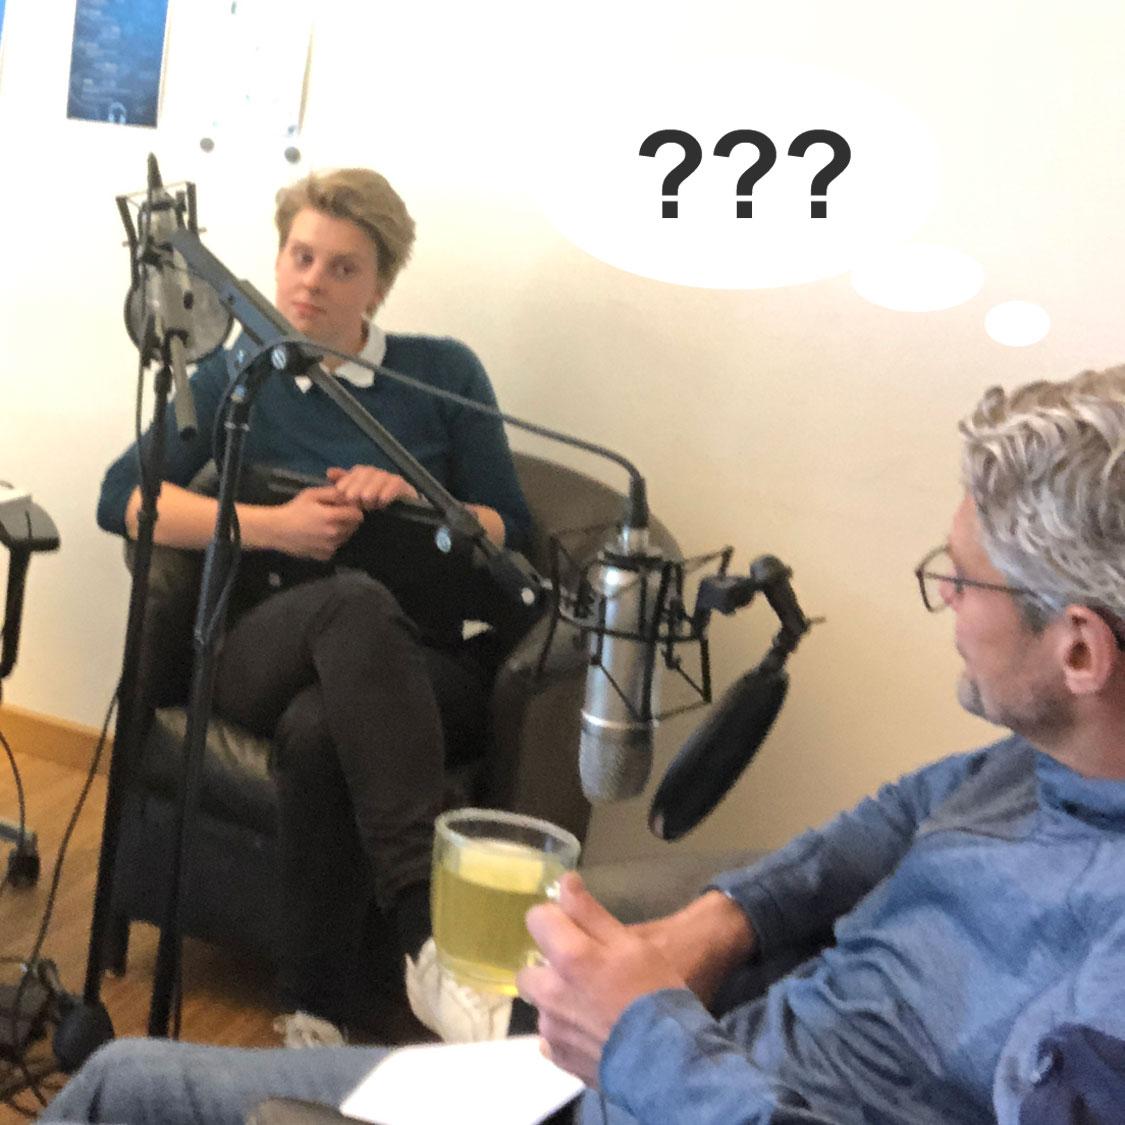 Folge 5: März Challenge, Jana Sussmann im Gespräch, RW